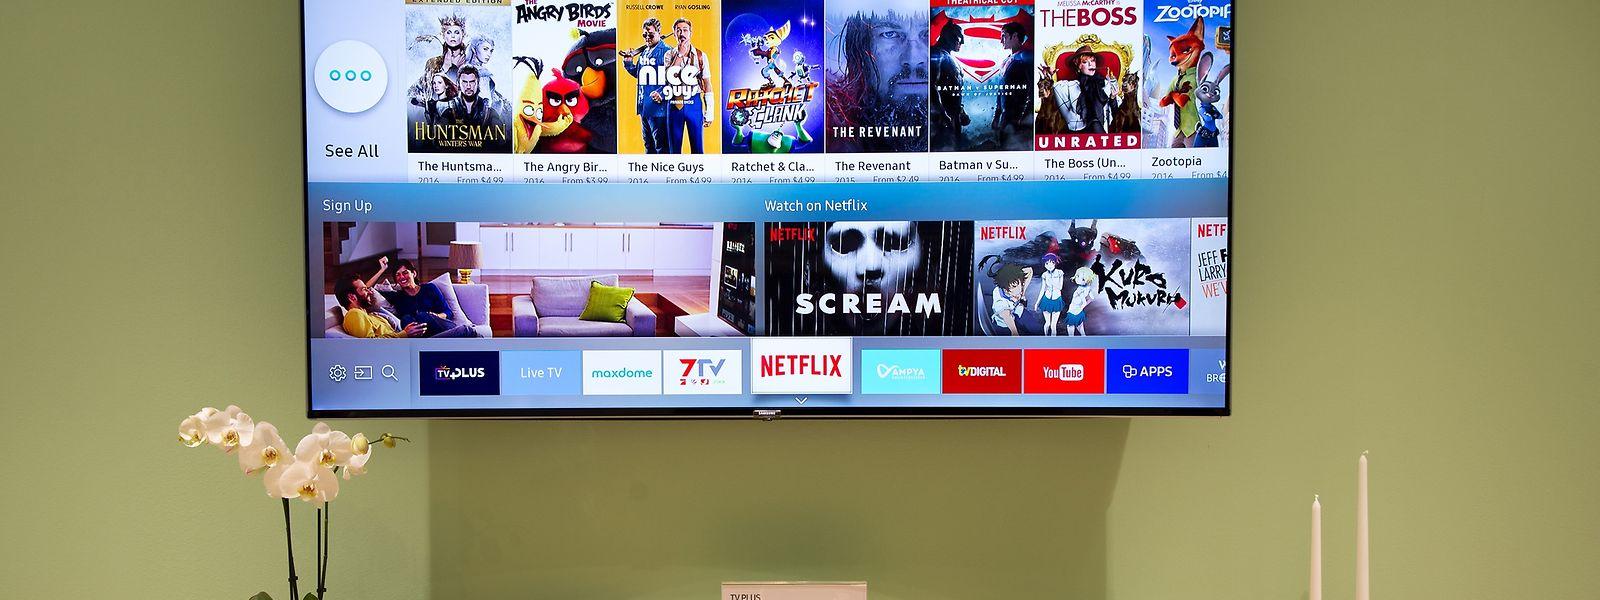 Visuelle Menüauswahl: Beim neuen Smart-TV hat sich die Bedienung erheblich vereinfacht.